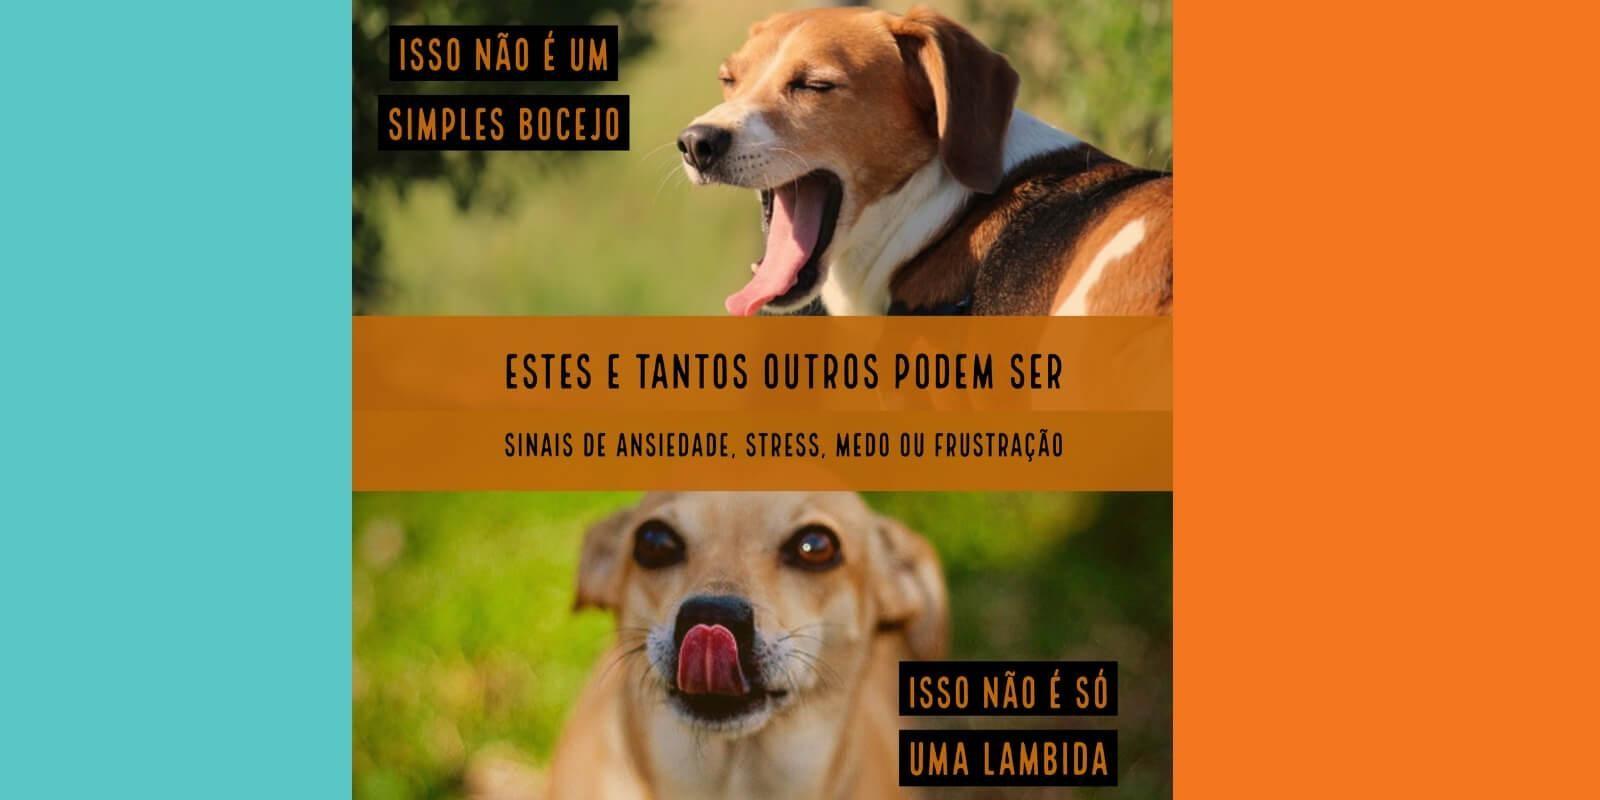 Lambeijos, Carla Ruas - Reatividade e Agressividade: o que você sabe sobre seu cão e seus desafios?